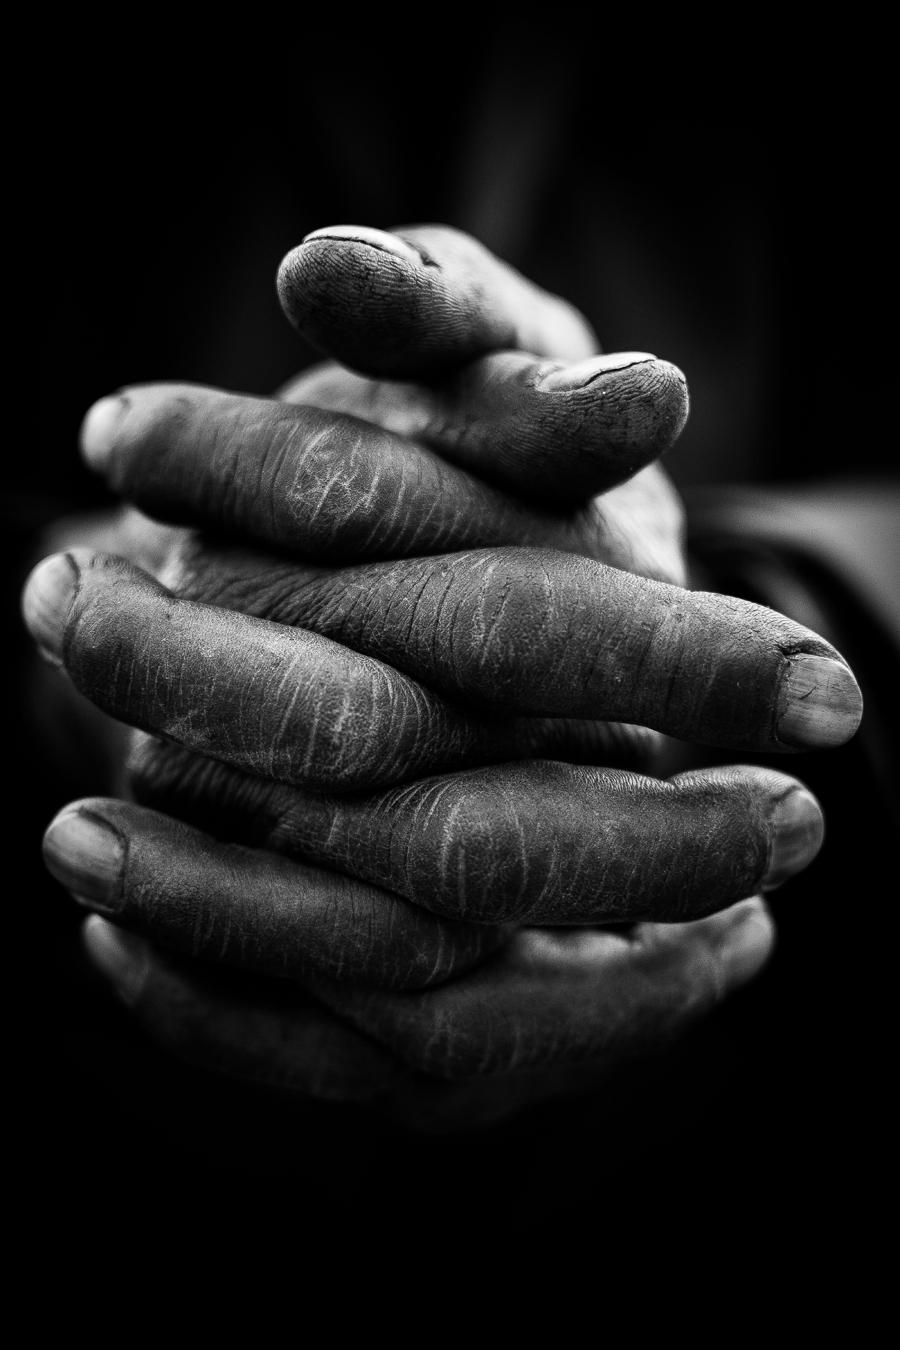 Hands, 2016